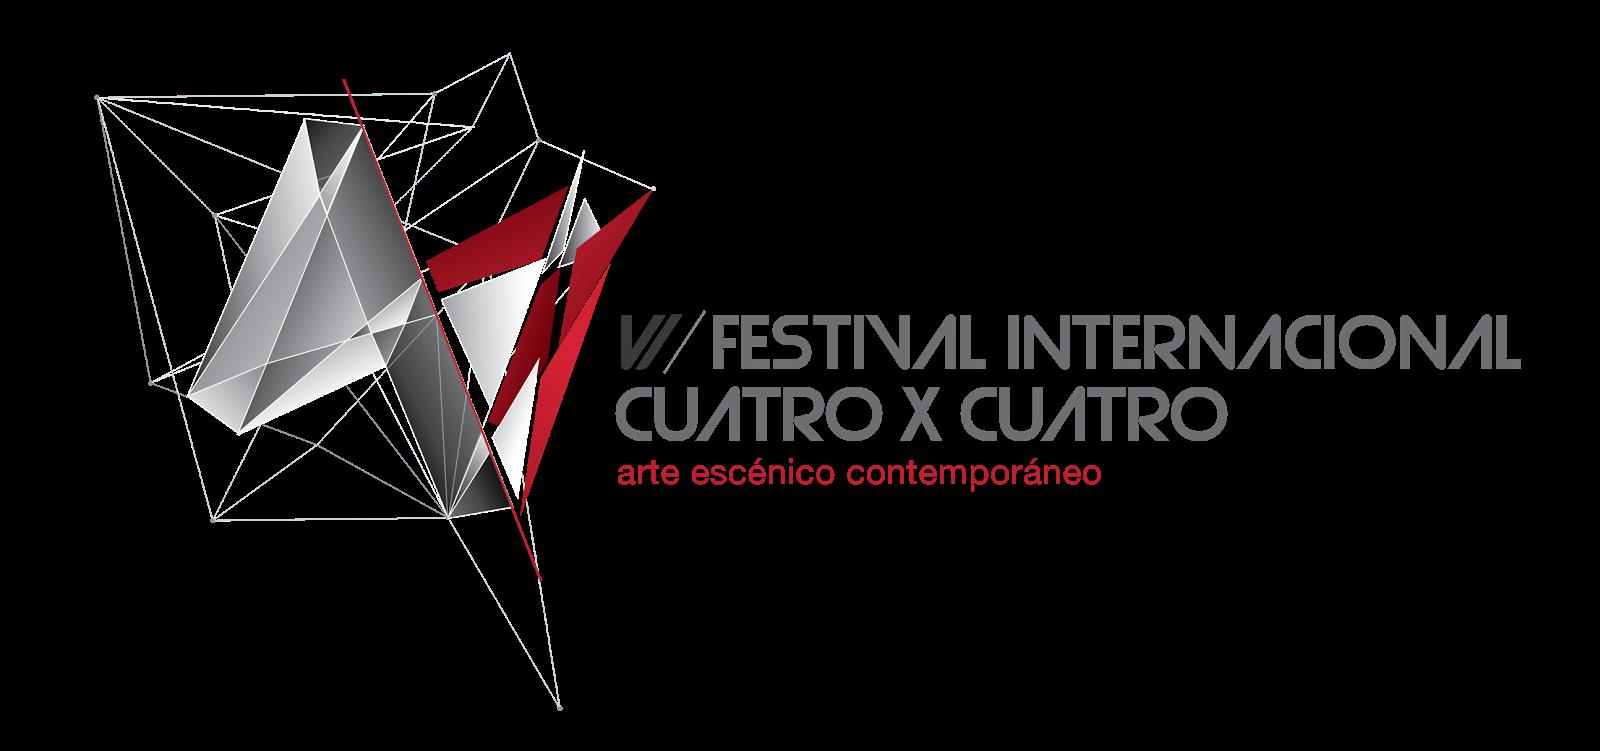 VI FESTIVAL INTERNACIONAL CUATRO X CUATRO / ARTE ESCÉNICO CONTEMPORÁNEO